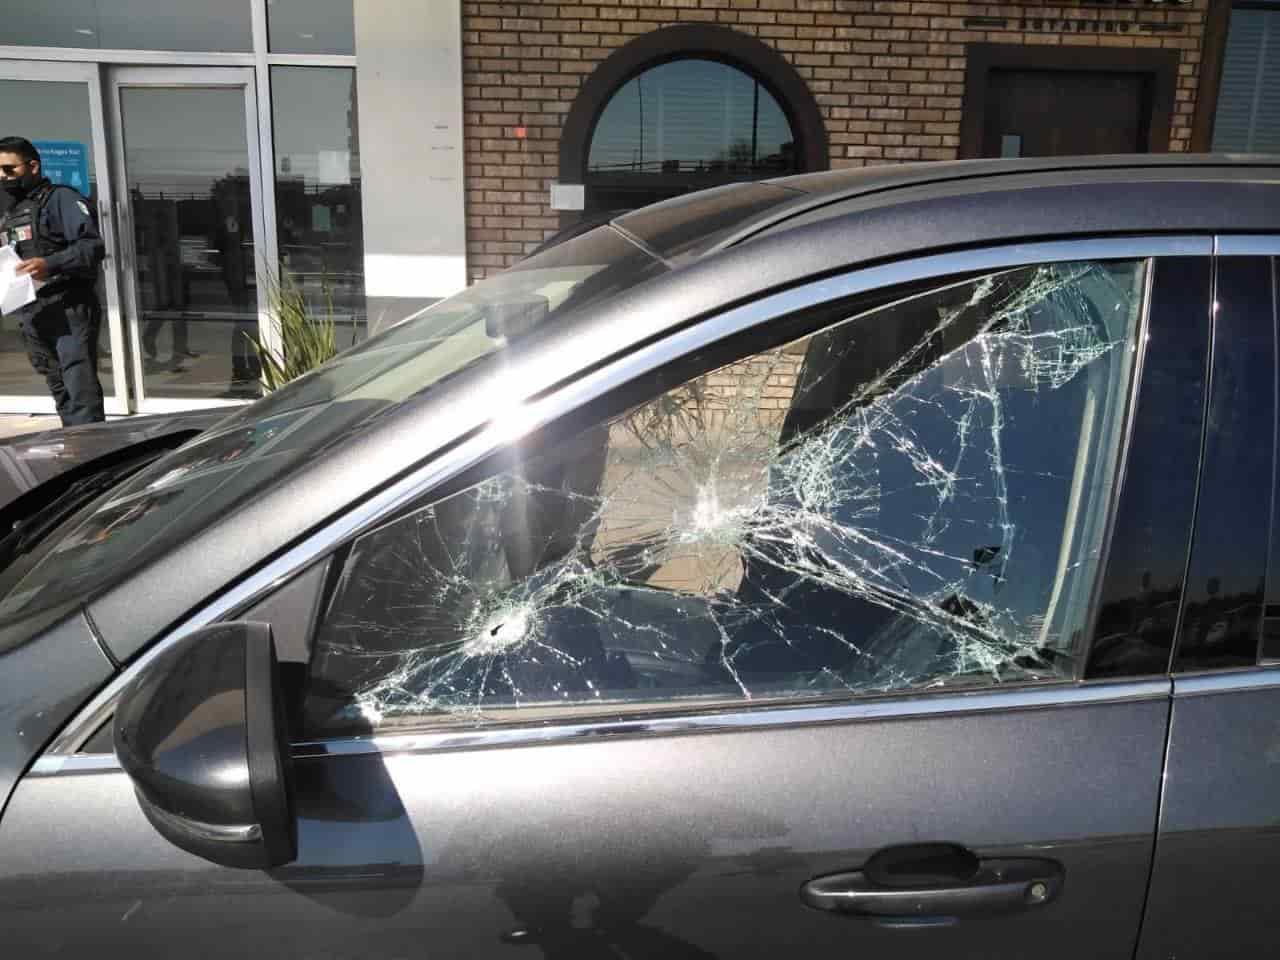 Reportaron un asalto a un mensajero, dentro del estacionamiento de una plaza comercial